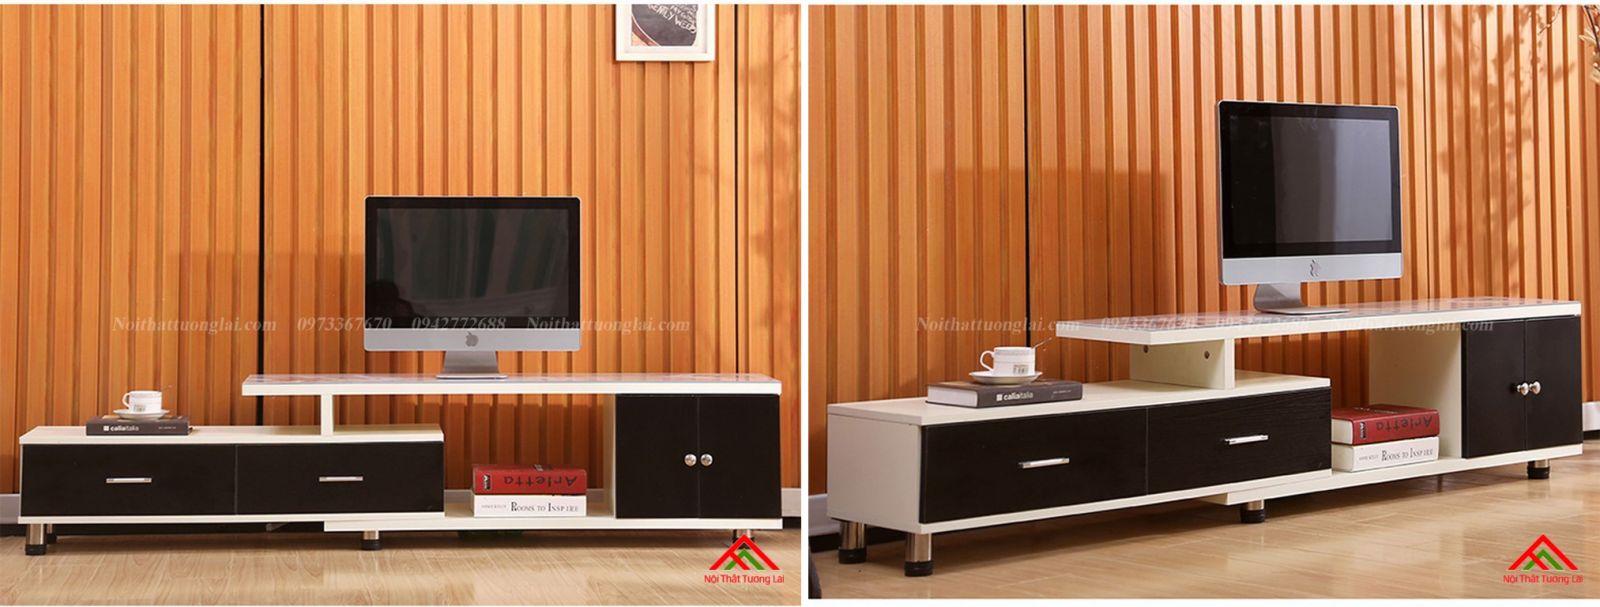 Kệ tivi gỗ mặt kính vẻ đẹp hiện đại KE6808 7